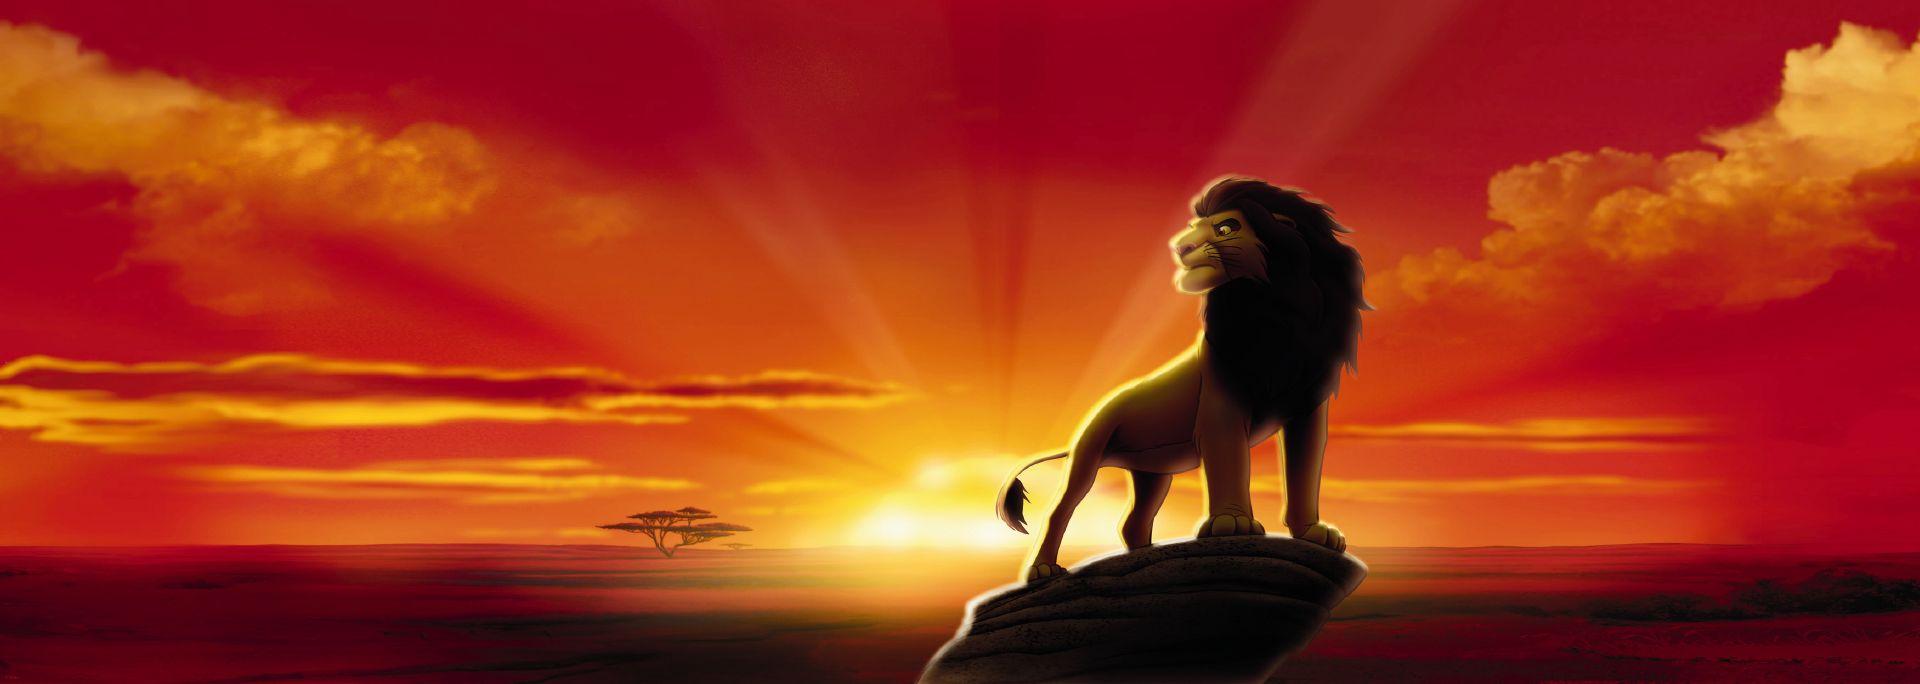 lionkingartist images tlk banner